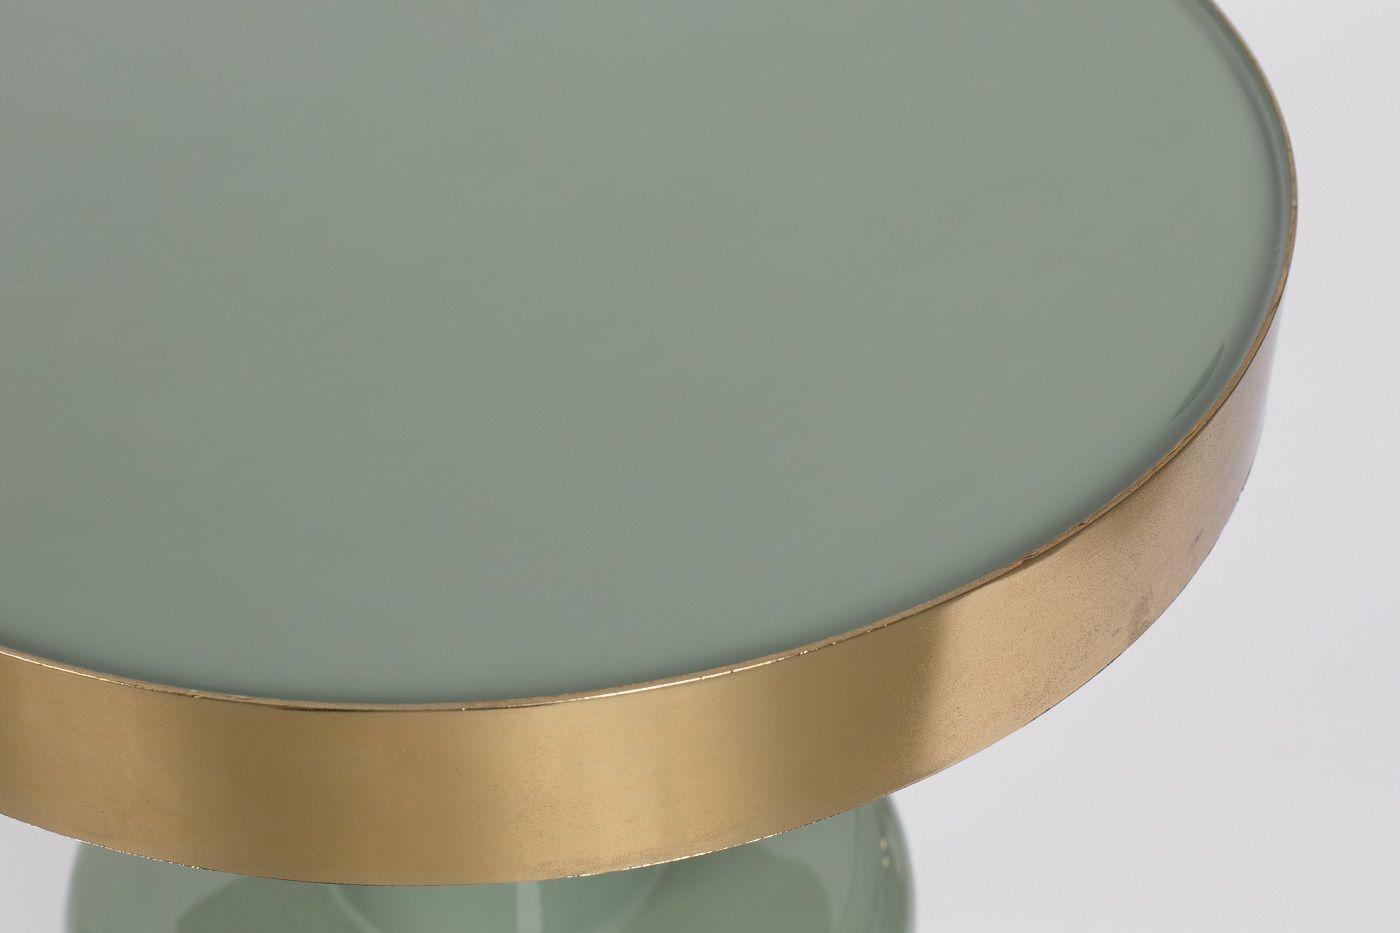 Zuiver Glam Sidebord - Grøn